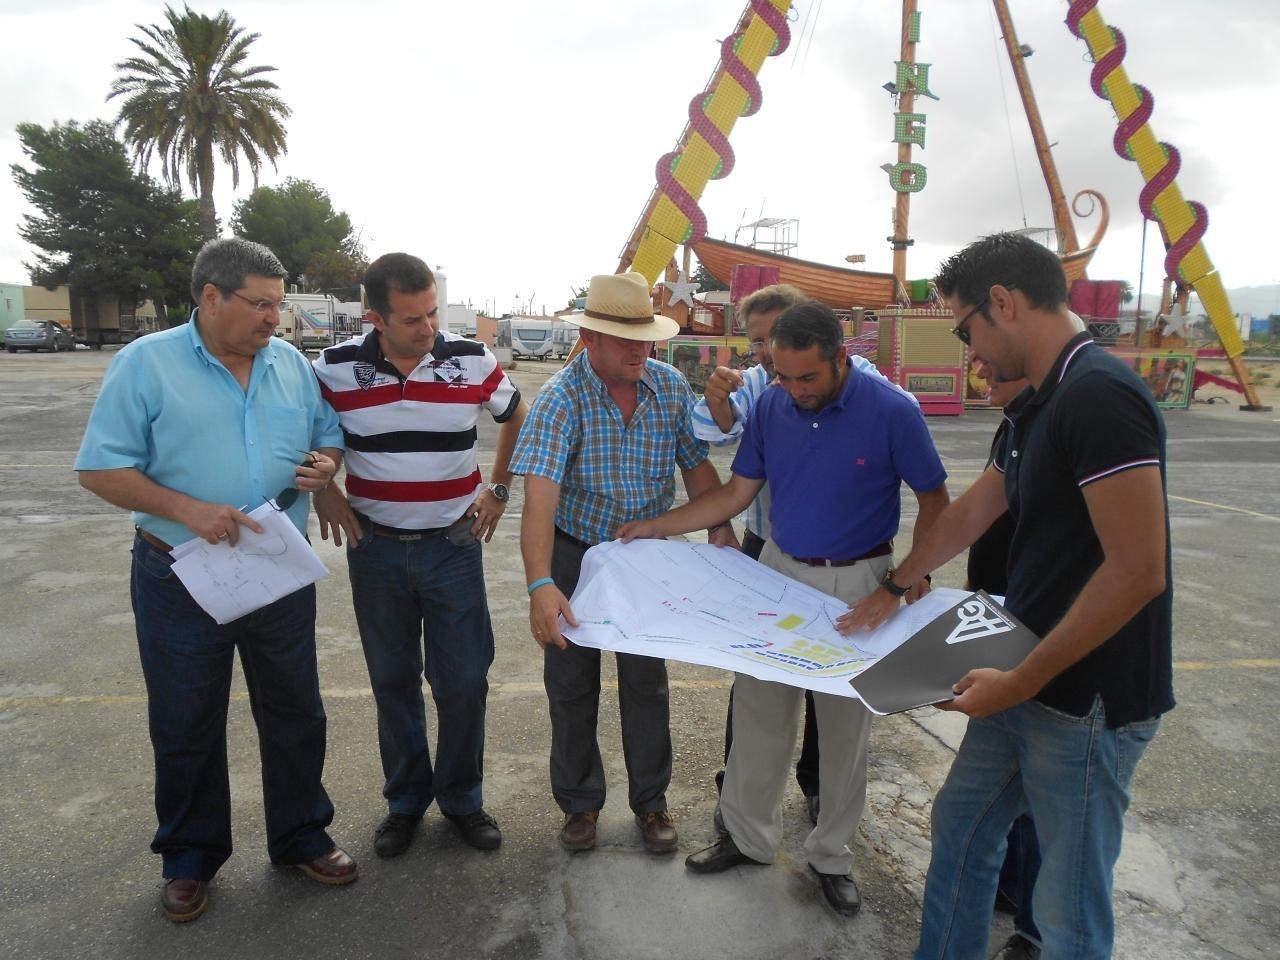 Los recintos de fiestas están preparados para acoger la Feria de Murcia, según el Ayuntamiento